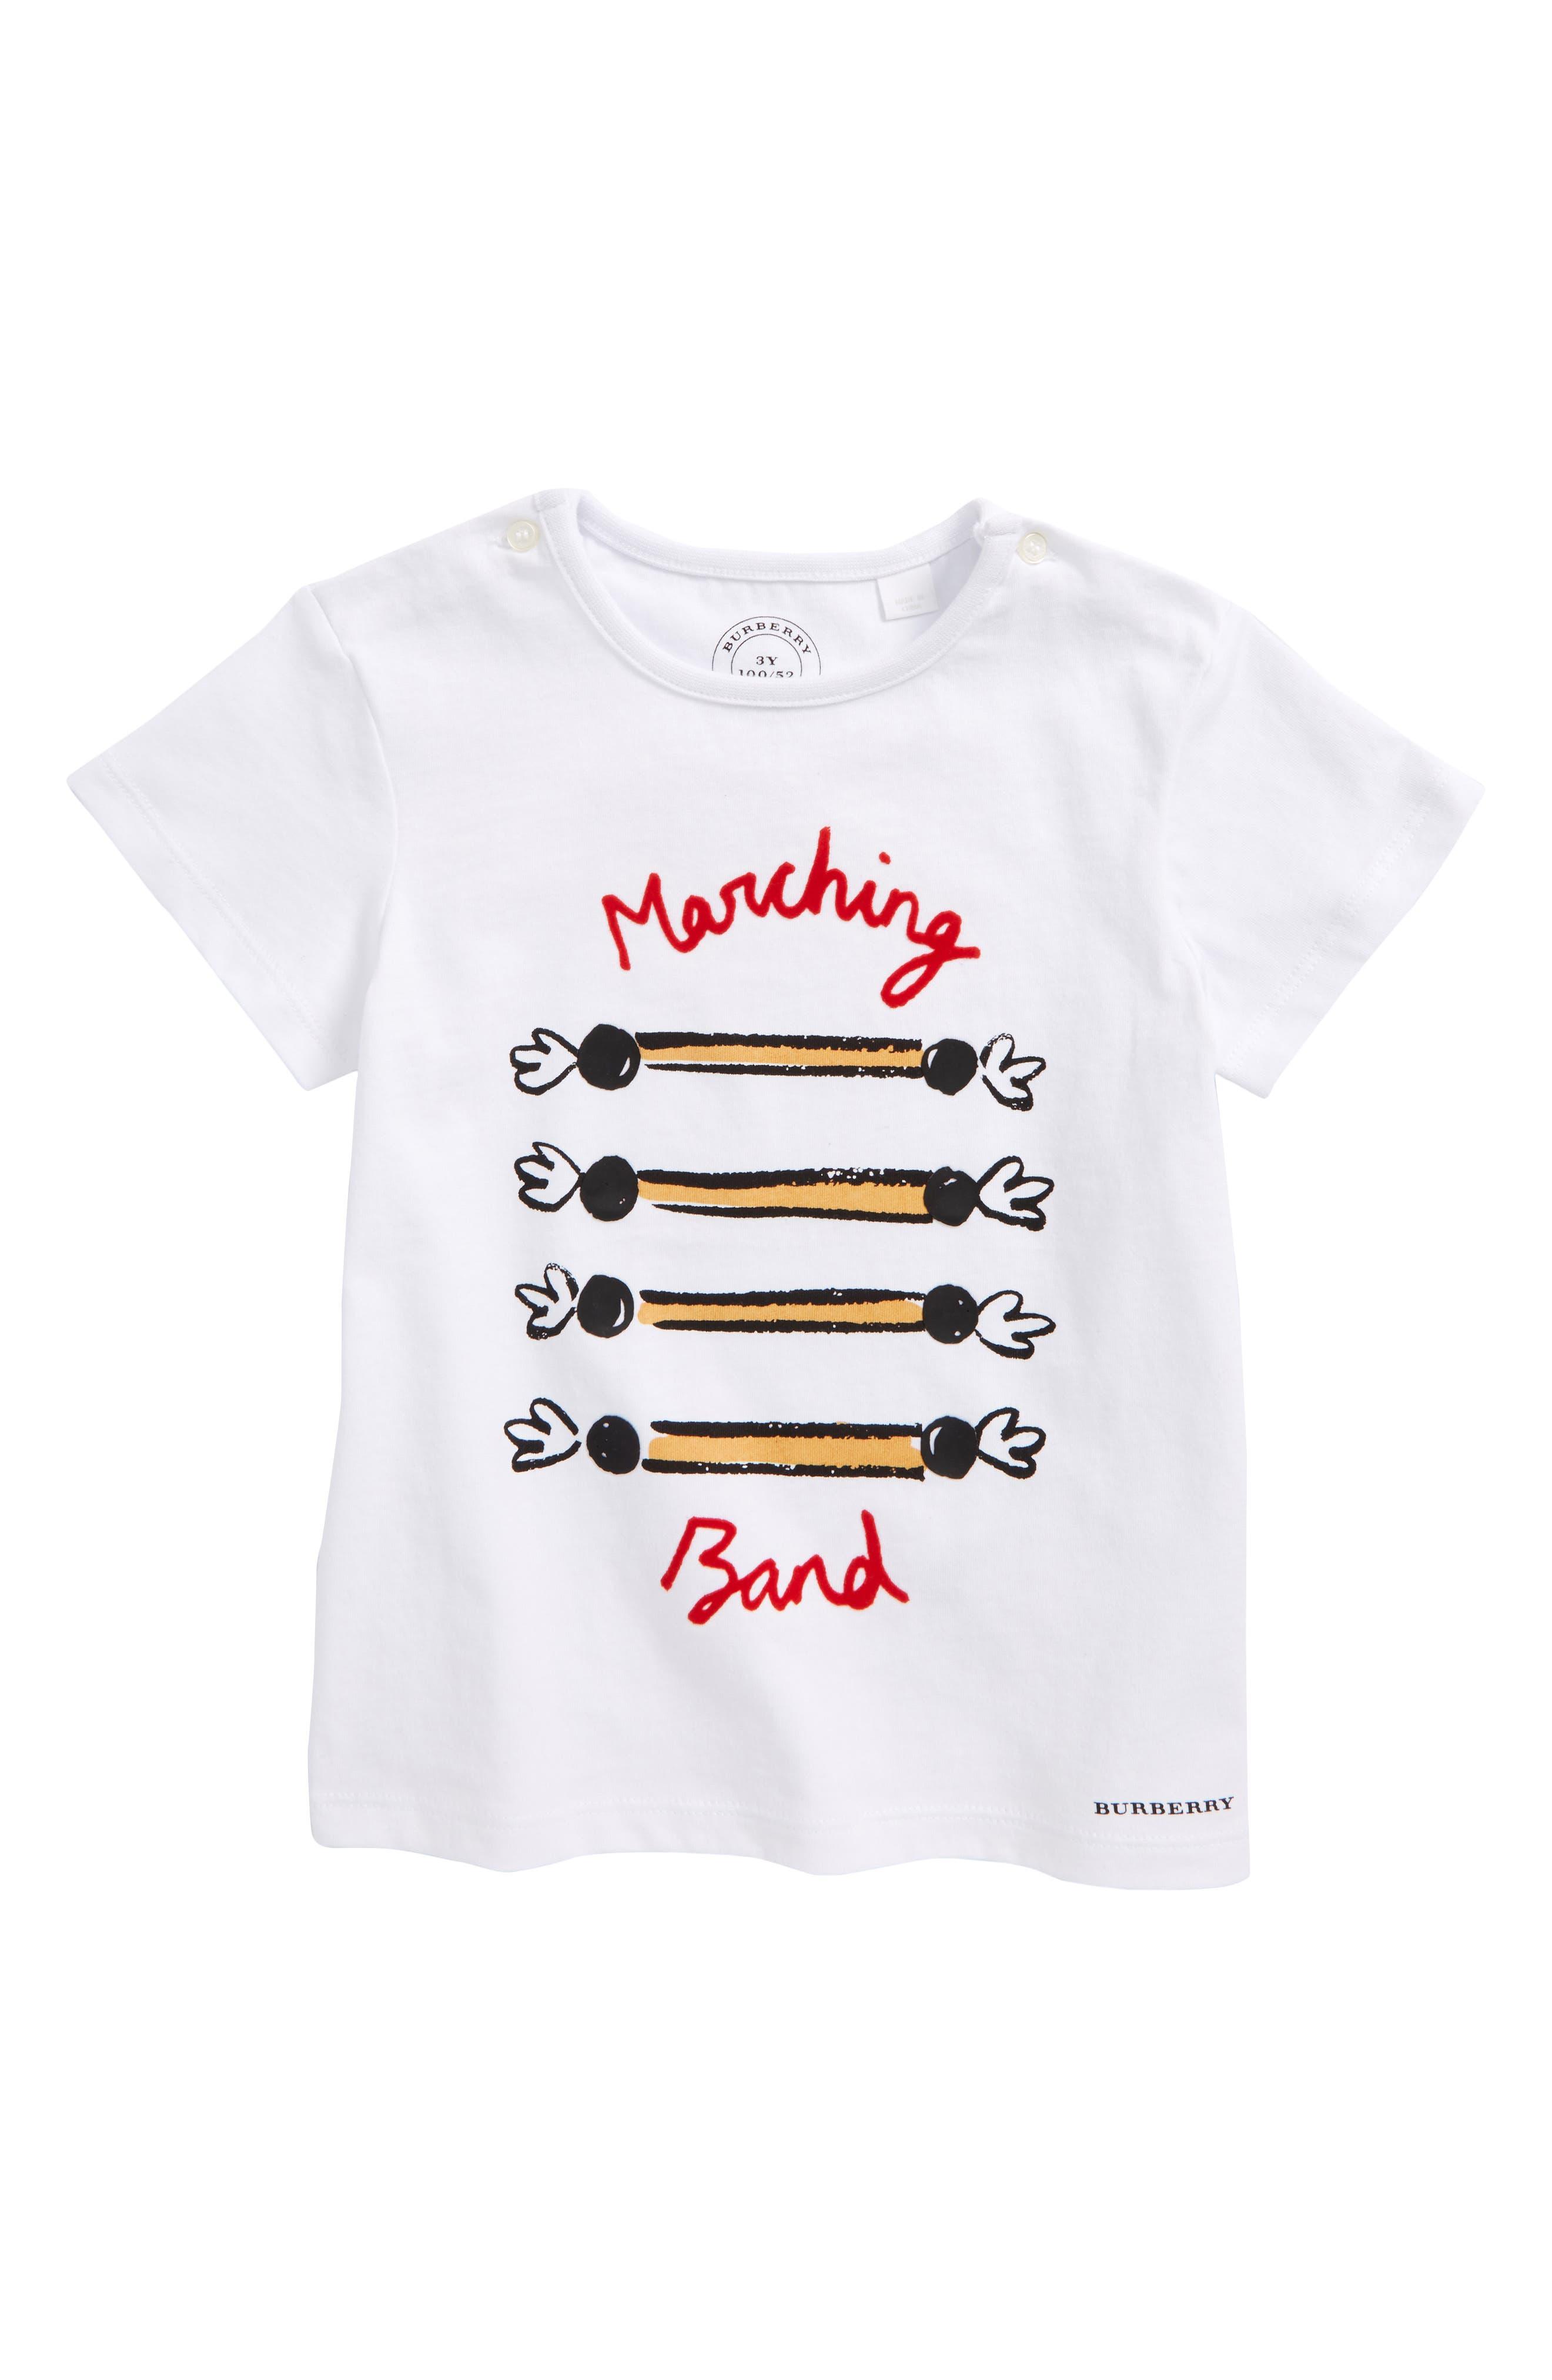 Marching Band Tee,                             Main thumbnail 1, color,                             100